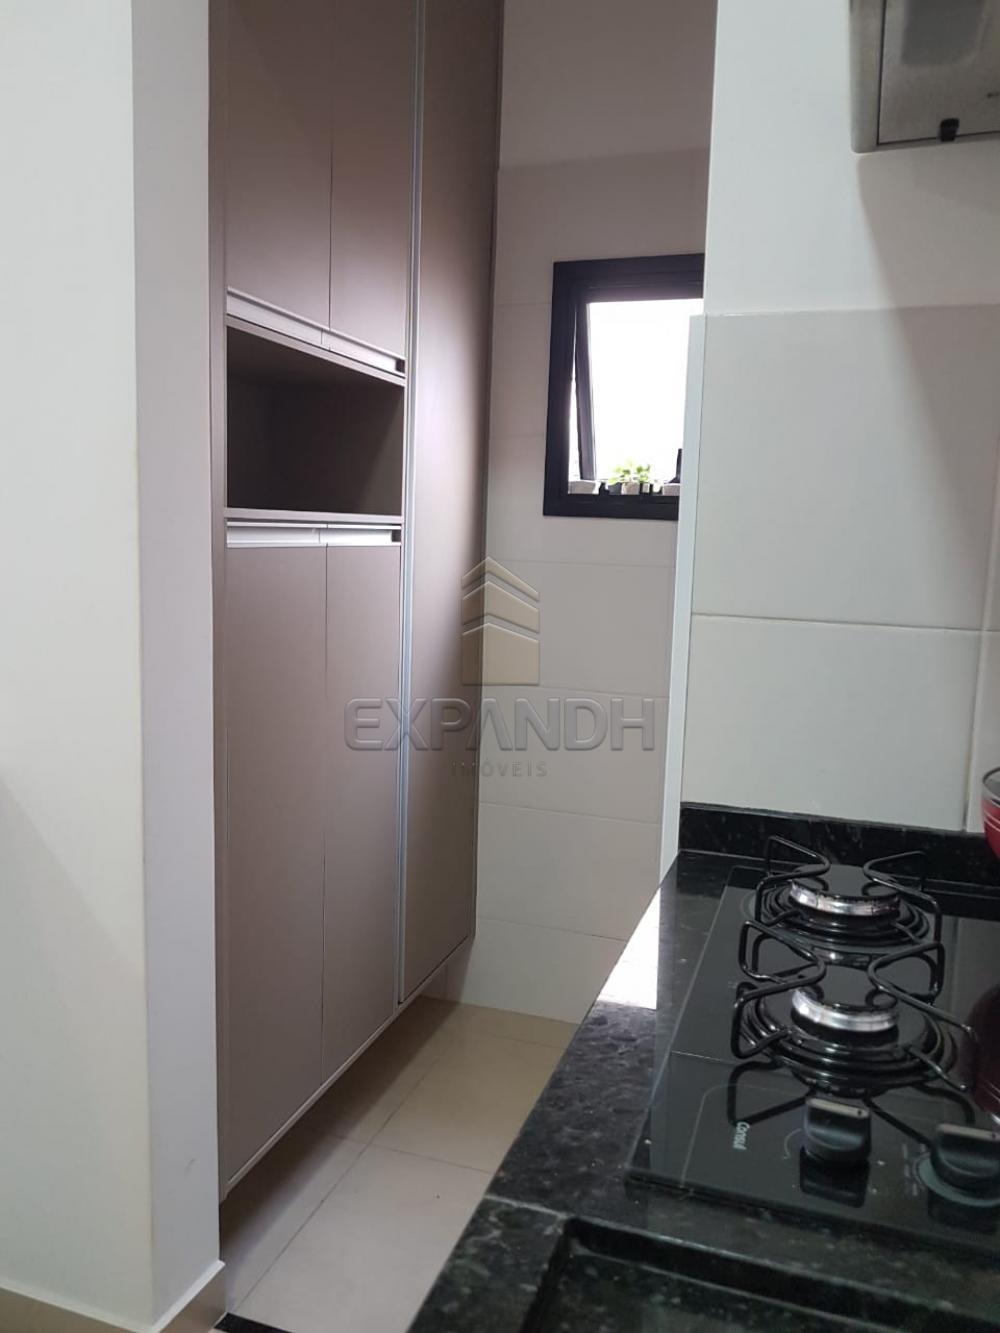 Comprar Apartamentos / Padrão em Sertãozinho apenas R$ 220.000,00 - Foto 17